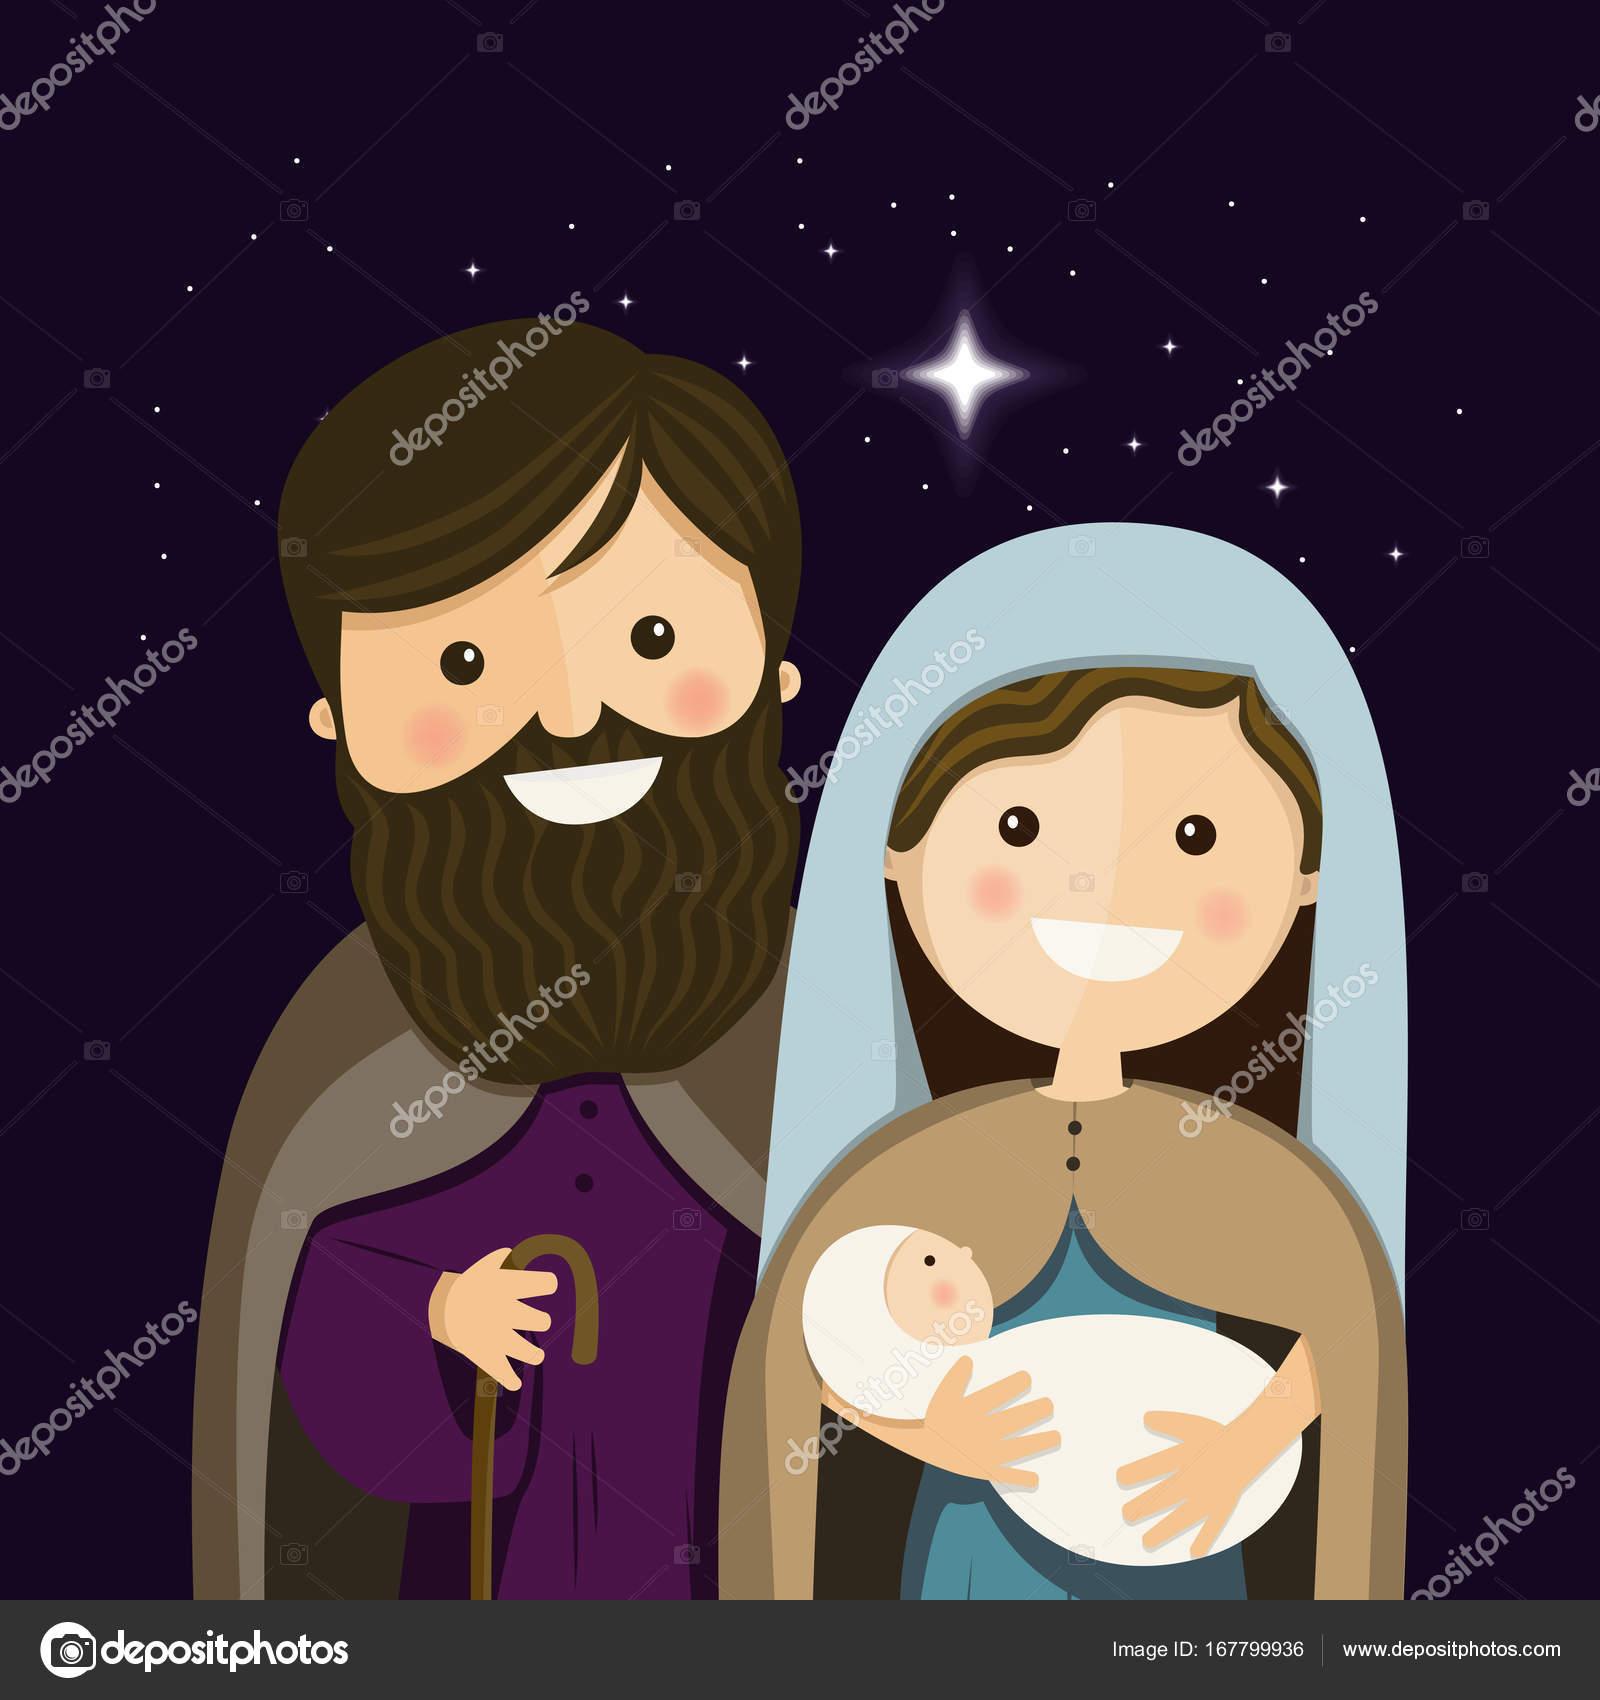 Immagini Sacre Natale.Illustrazione Natale Sacre Vigilia Di Natale Con Sacra